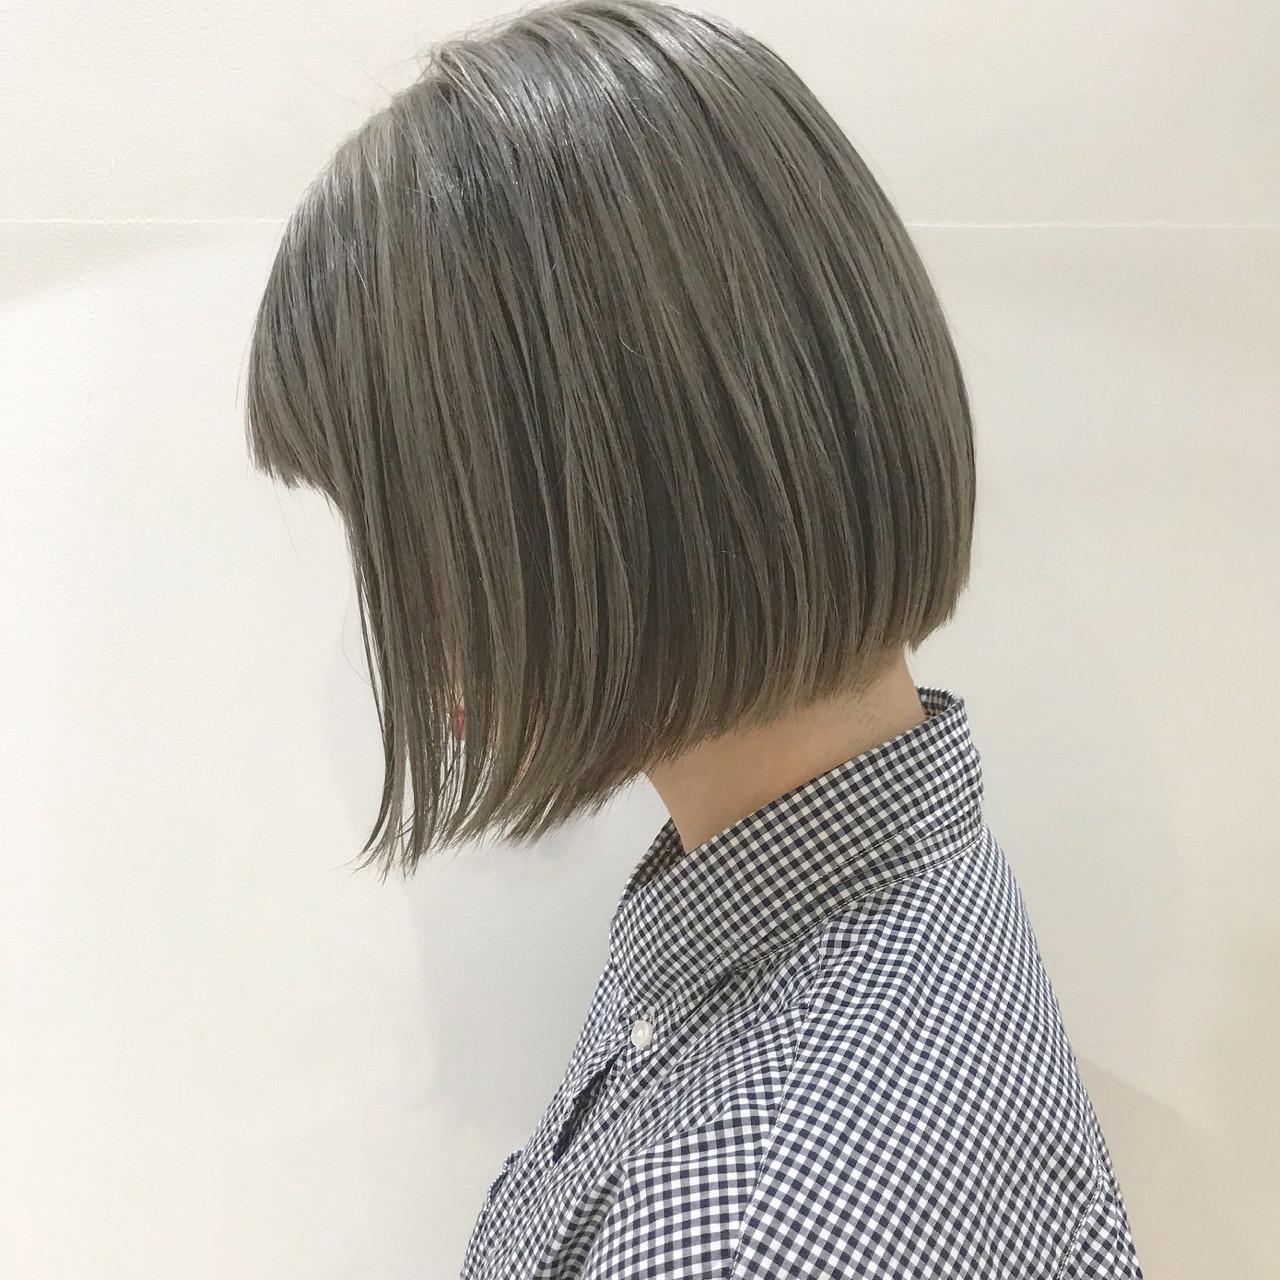 前下がり アッシュグレージュ 切りっぱなし グレージュ ヘアスタイルや髪型の写真・画像   SHUN / Cocoon 銀座